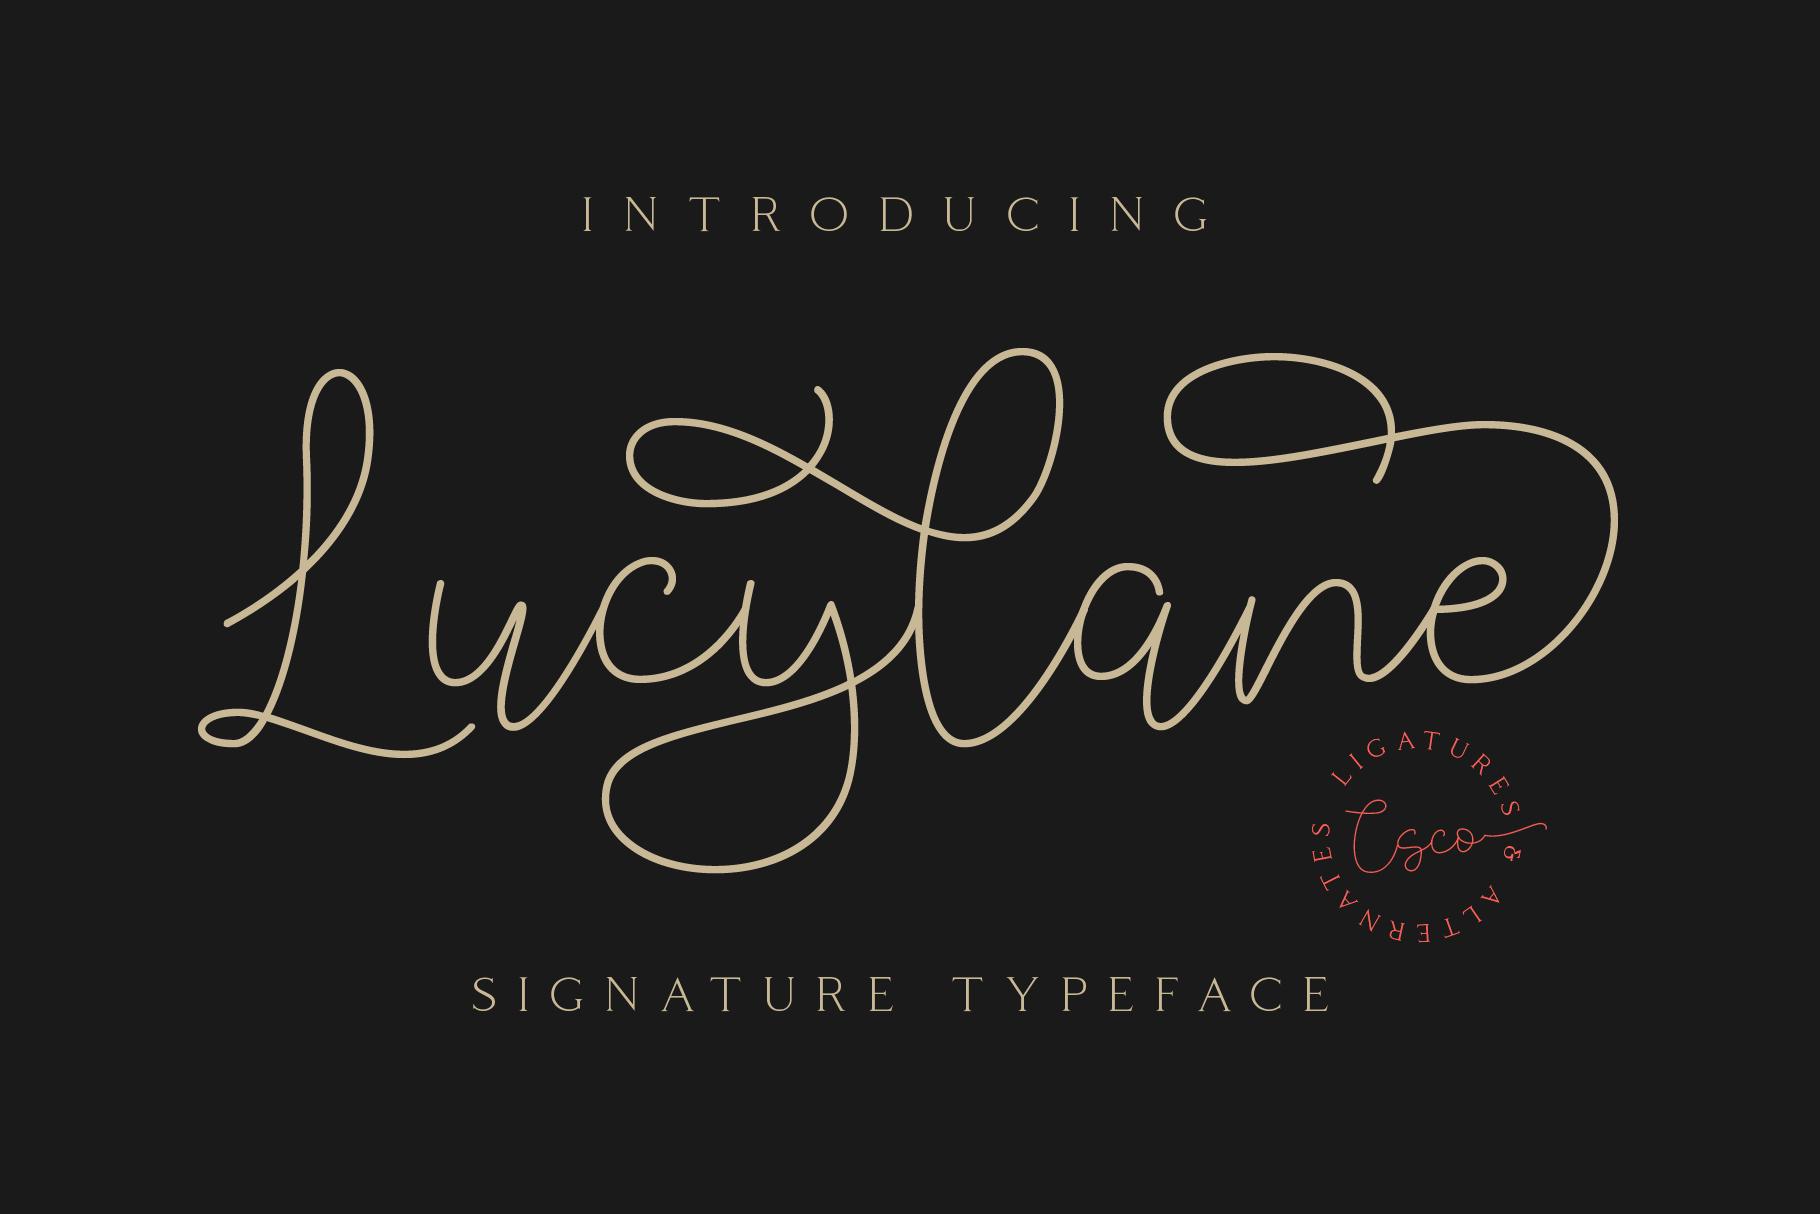 Lucylane - Signature Typeface example image 1